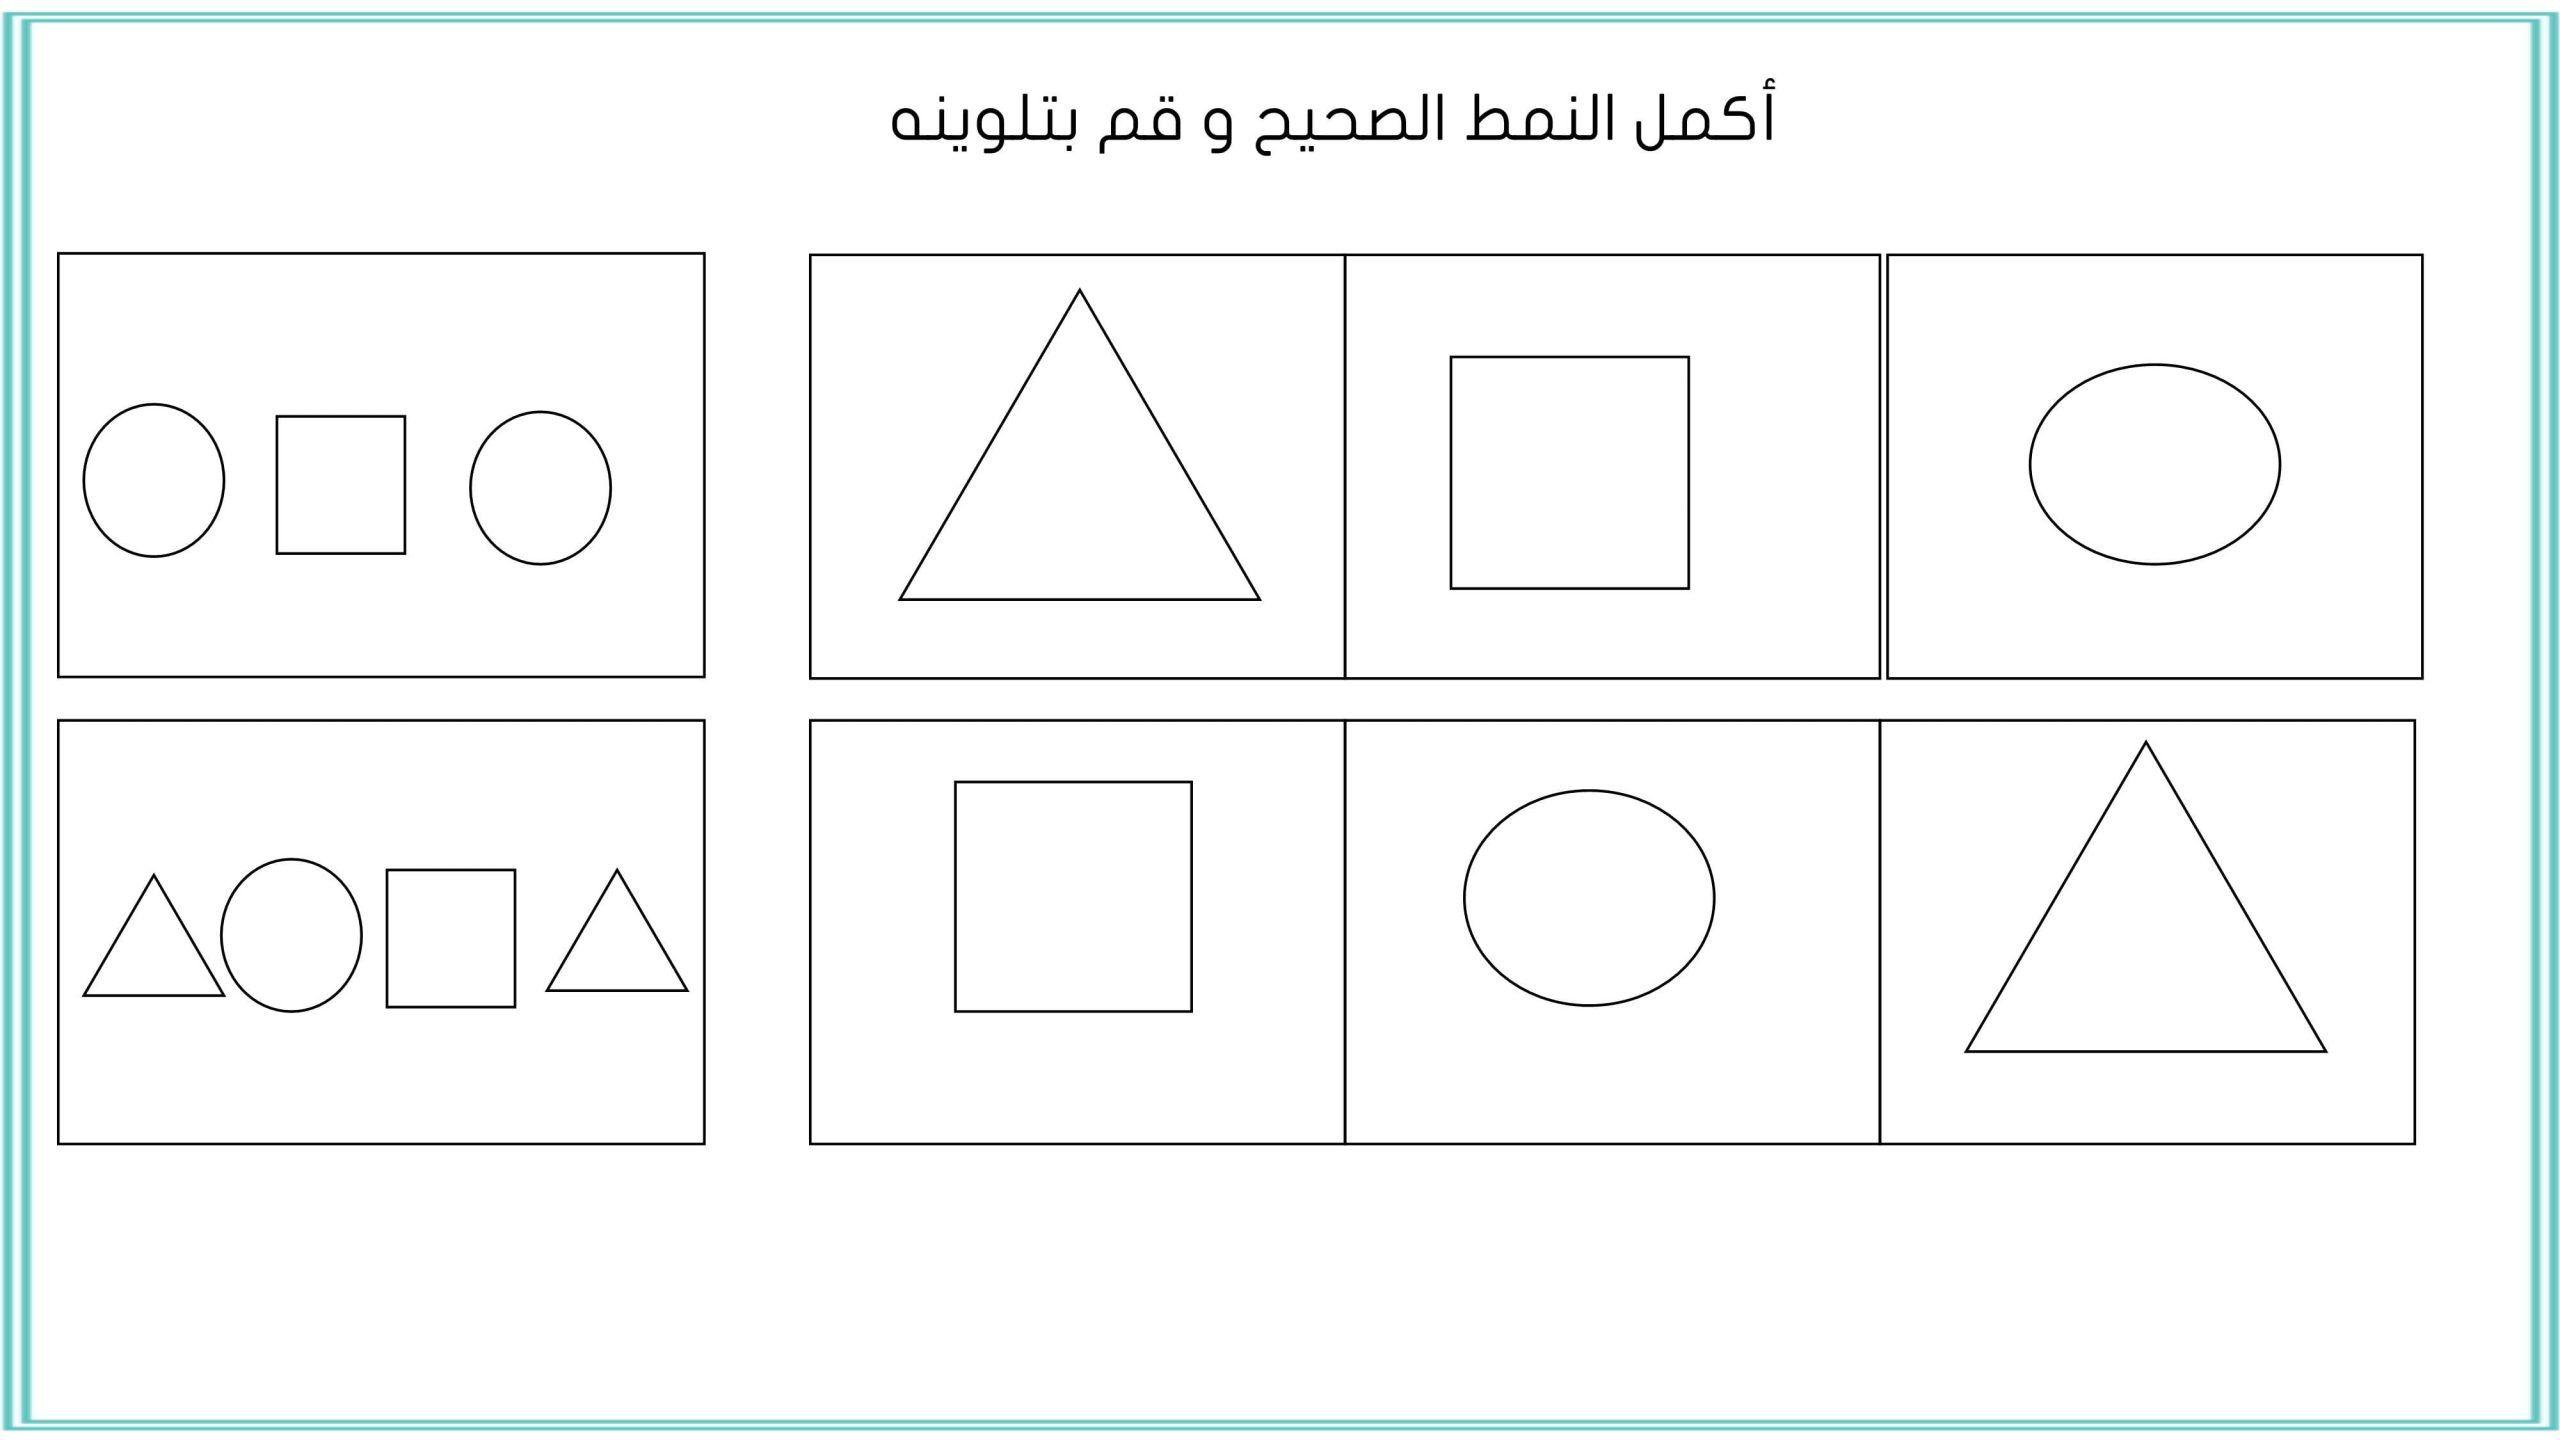 نشاط اكمل النمط الصحيح وقم بتلوينه للاشكال الهندسية Bar Chart Chart Diagram